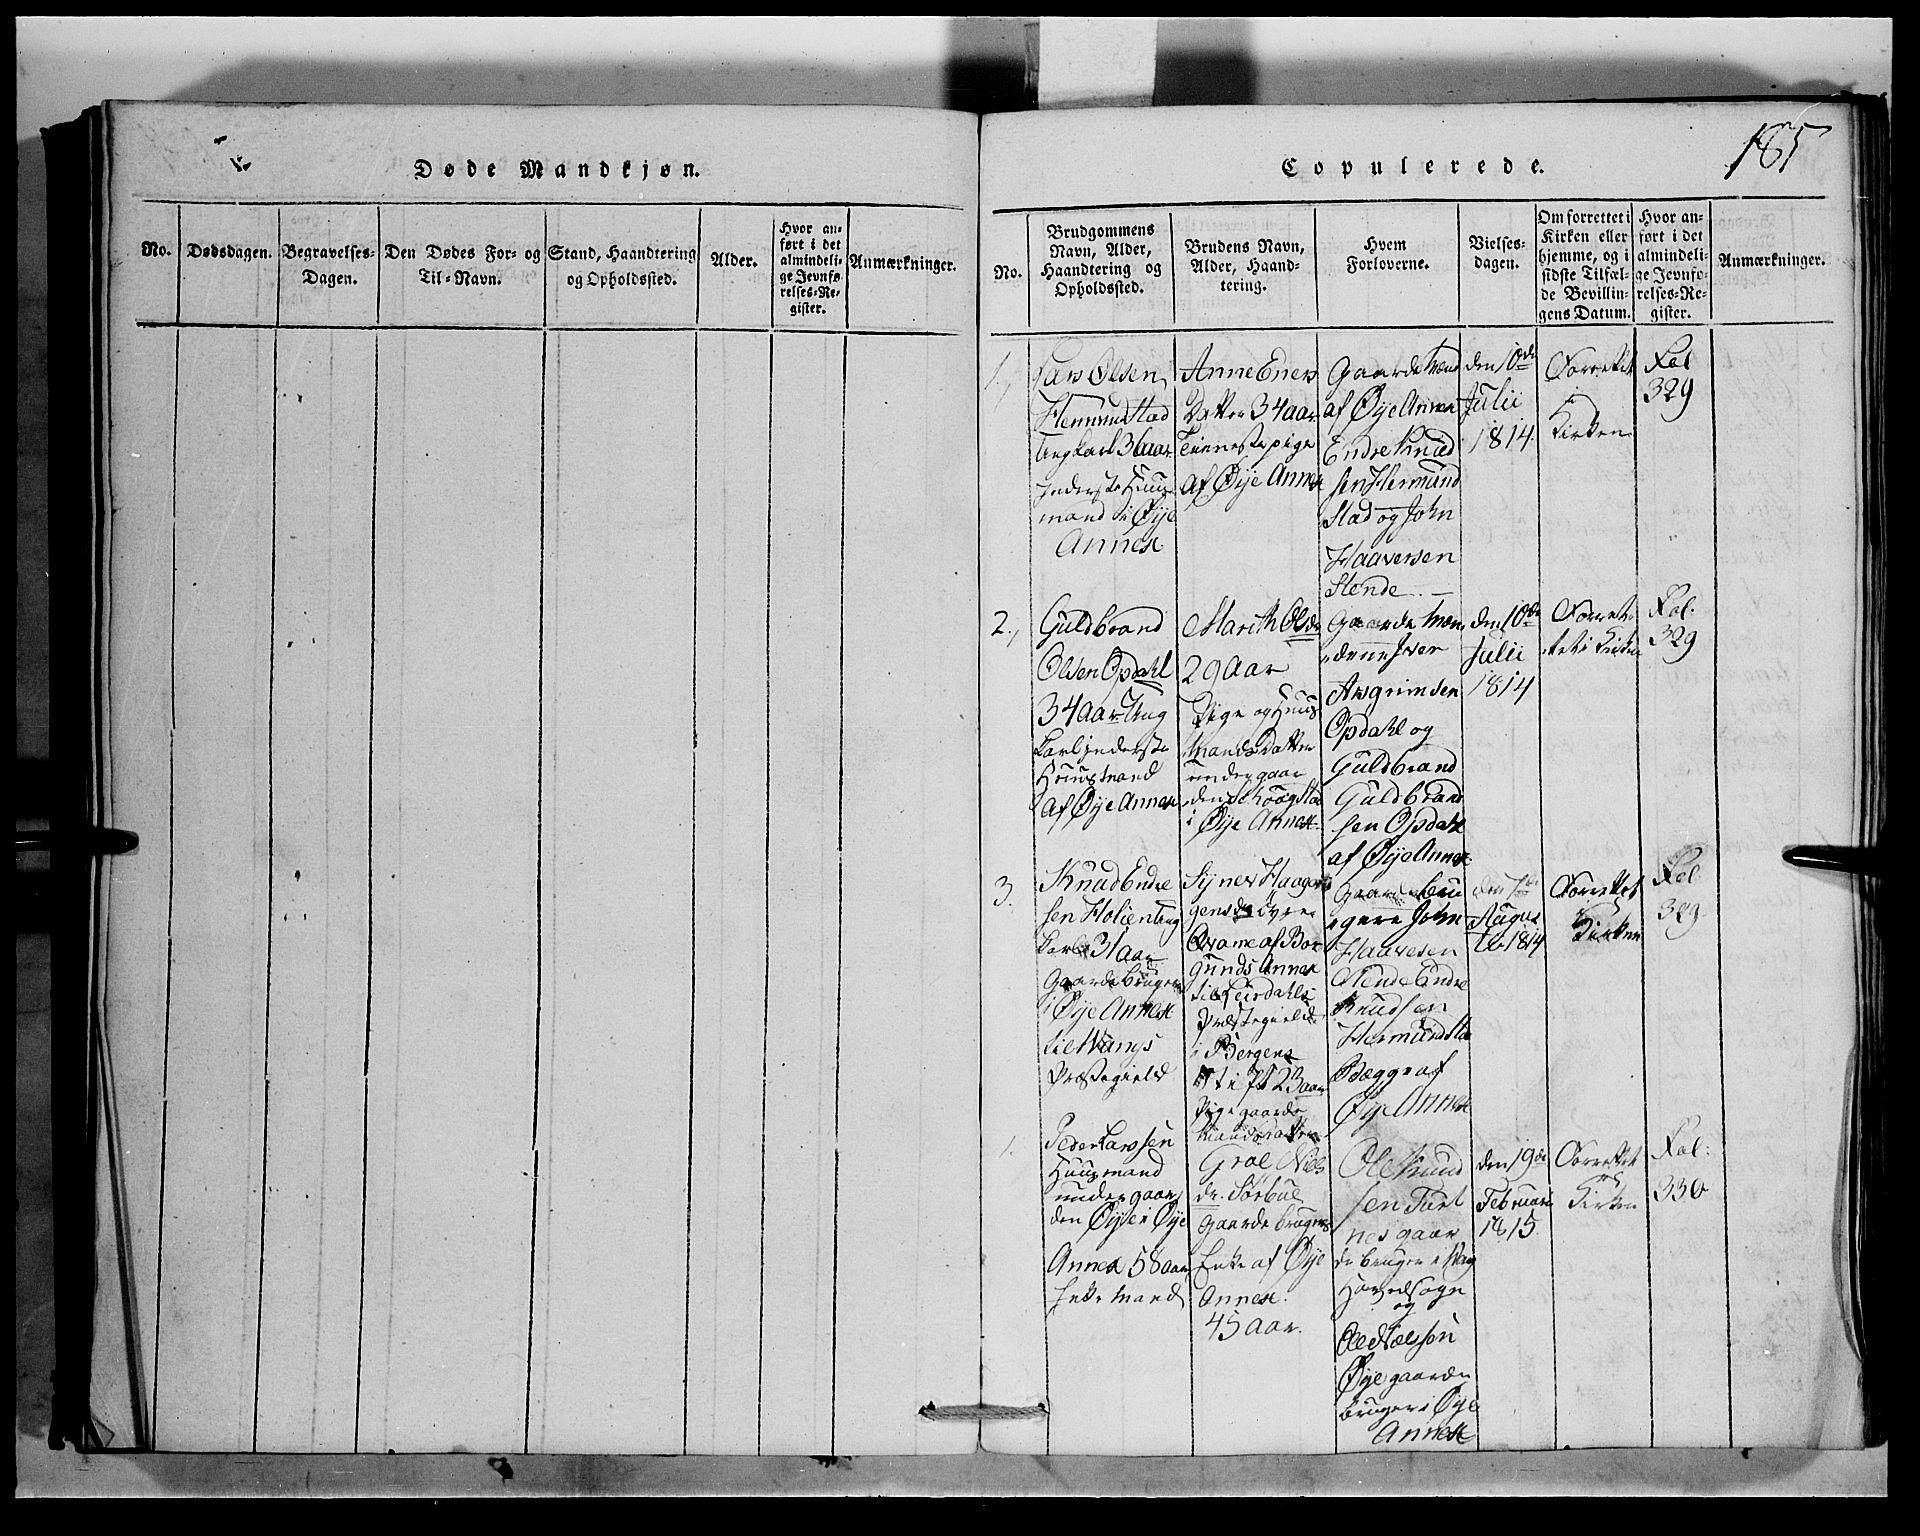 SAH, Vang prestekontor, Valdres, Klokkerbok nr. 1, 1814-1820, s. 185